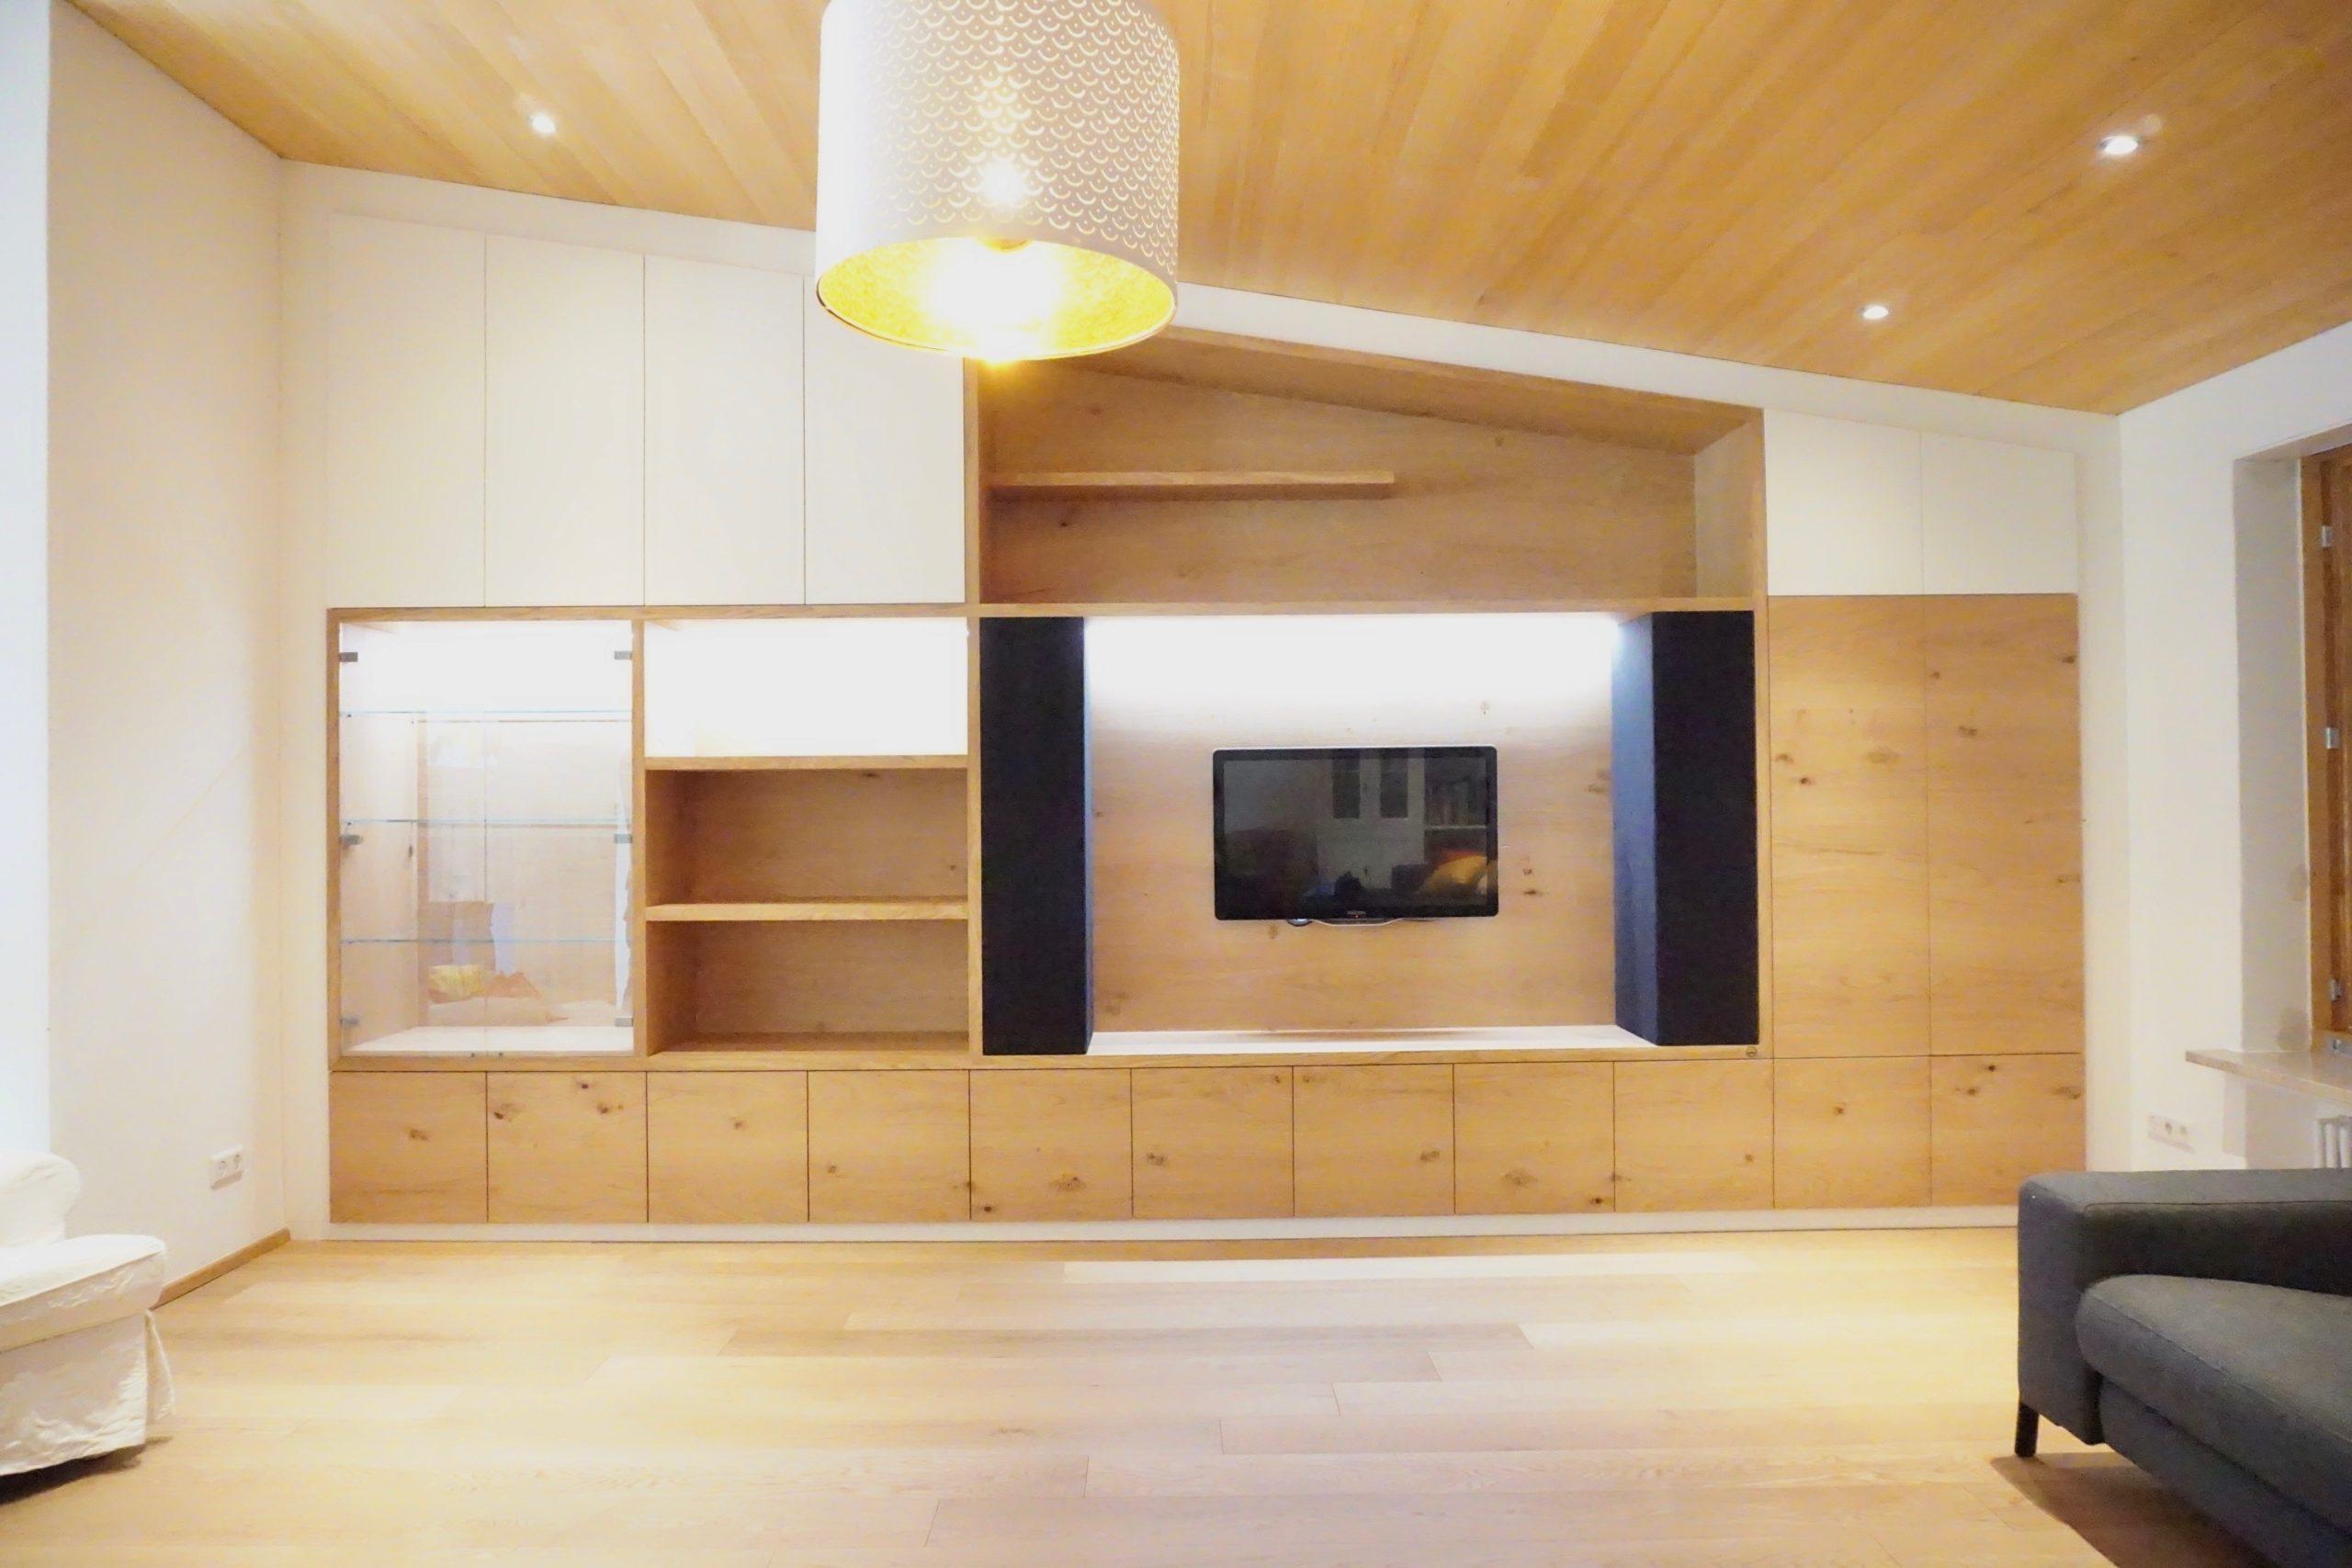 Wohnzimmer Möbel Ailingen Bodensee